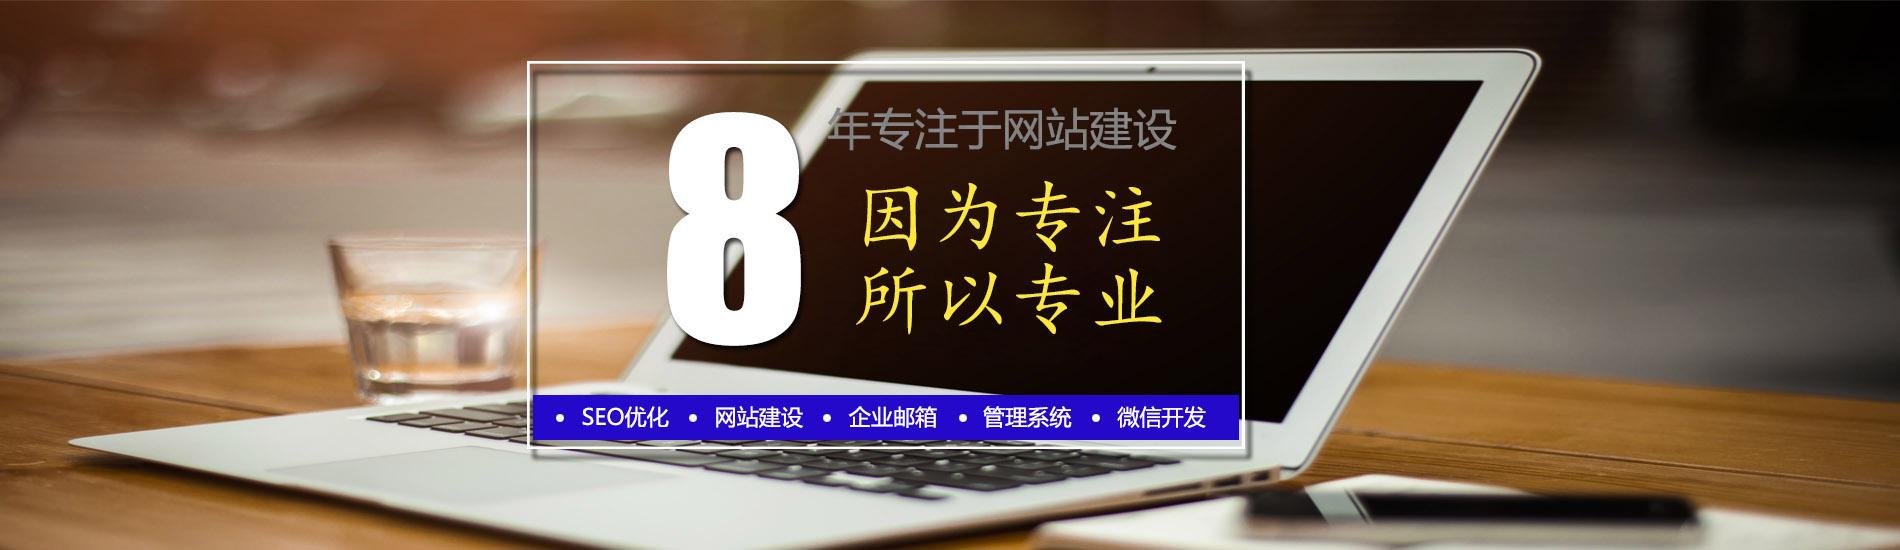 专业seo网站优化、网站制作、Google推广、微信小程序开发等